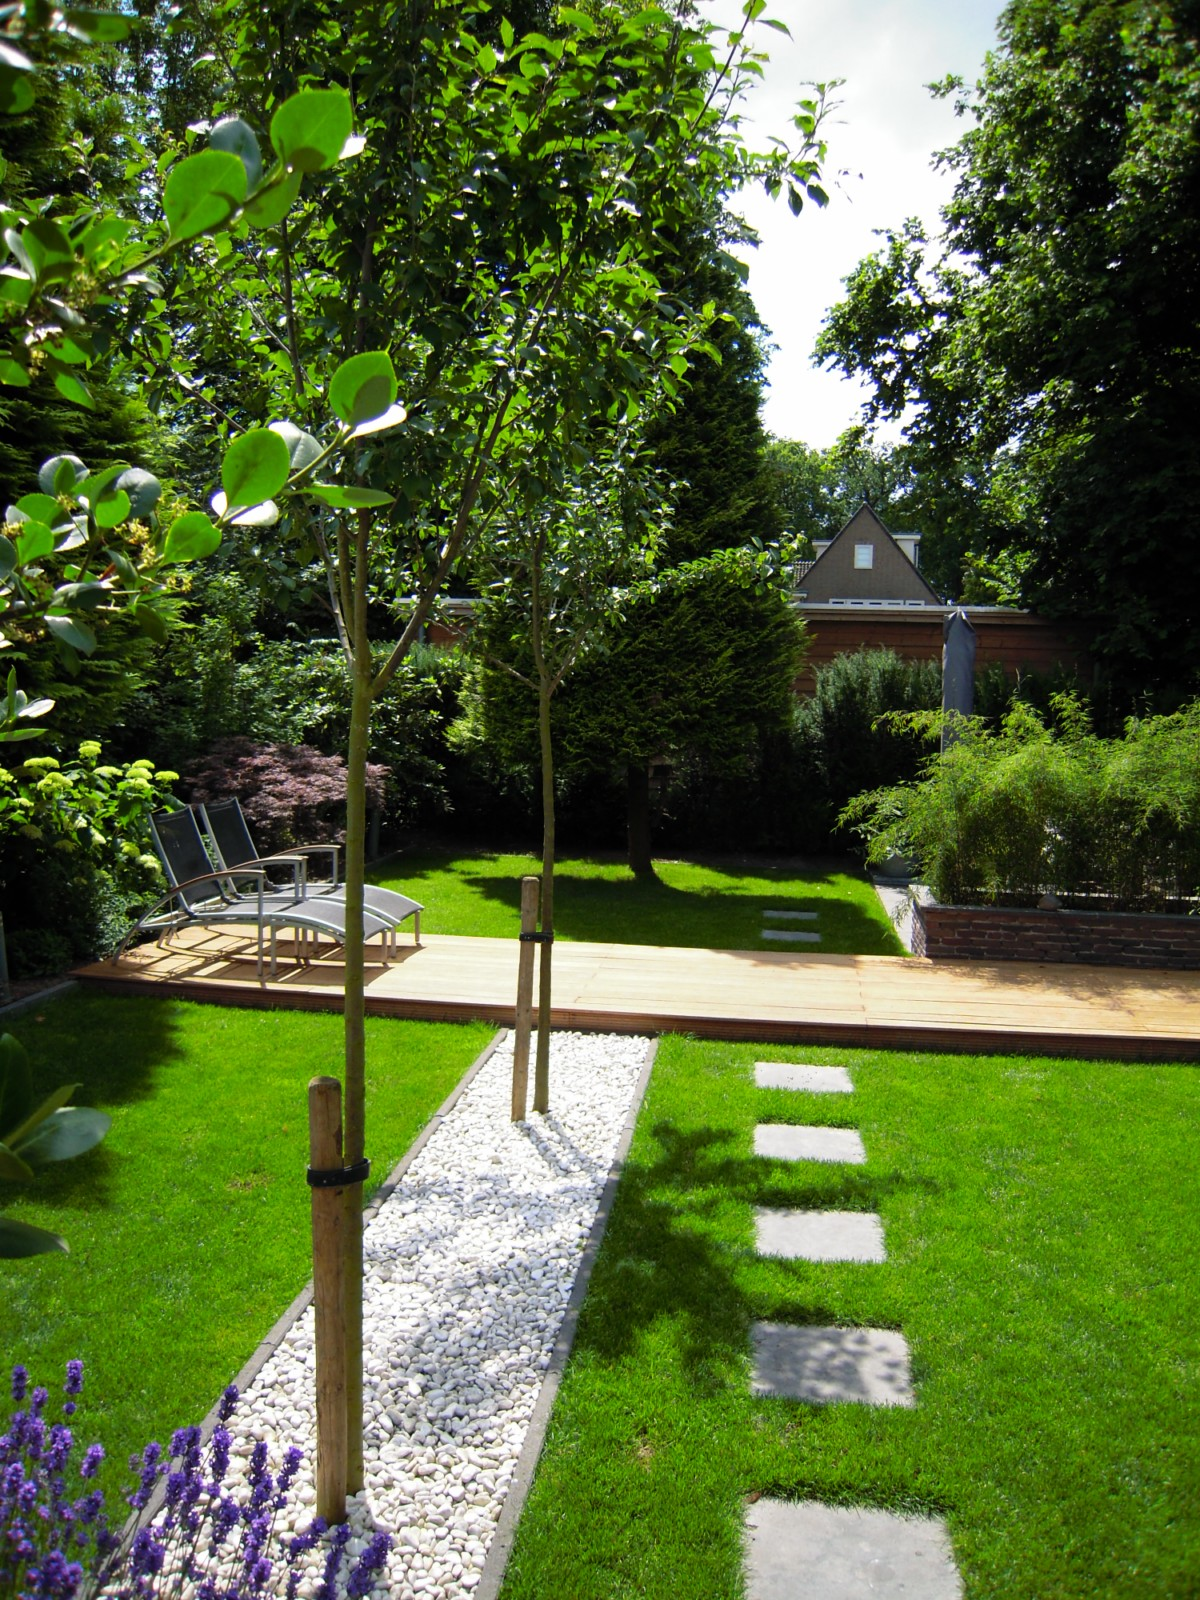 Hovenier in hengelo onderhoud aanleg en ontwerp van uw tuin hovenier in hengelo en enschede - Tuin idee ...